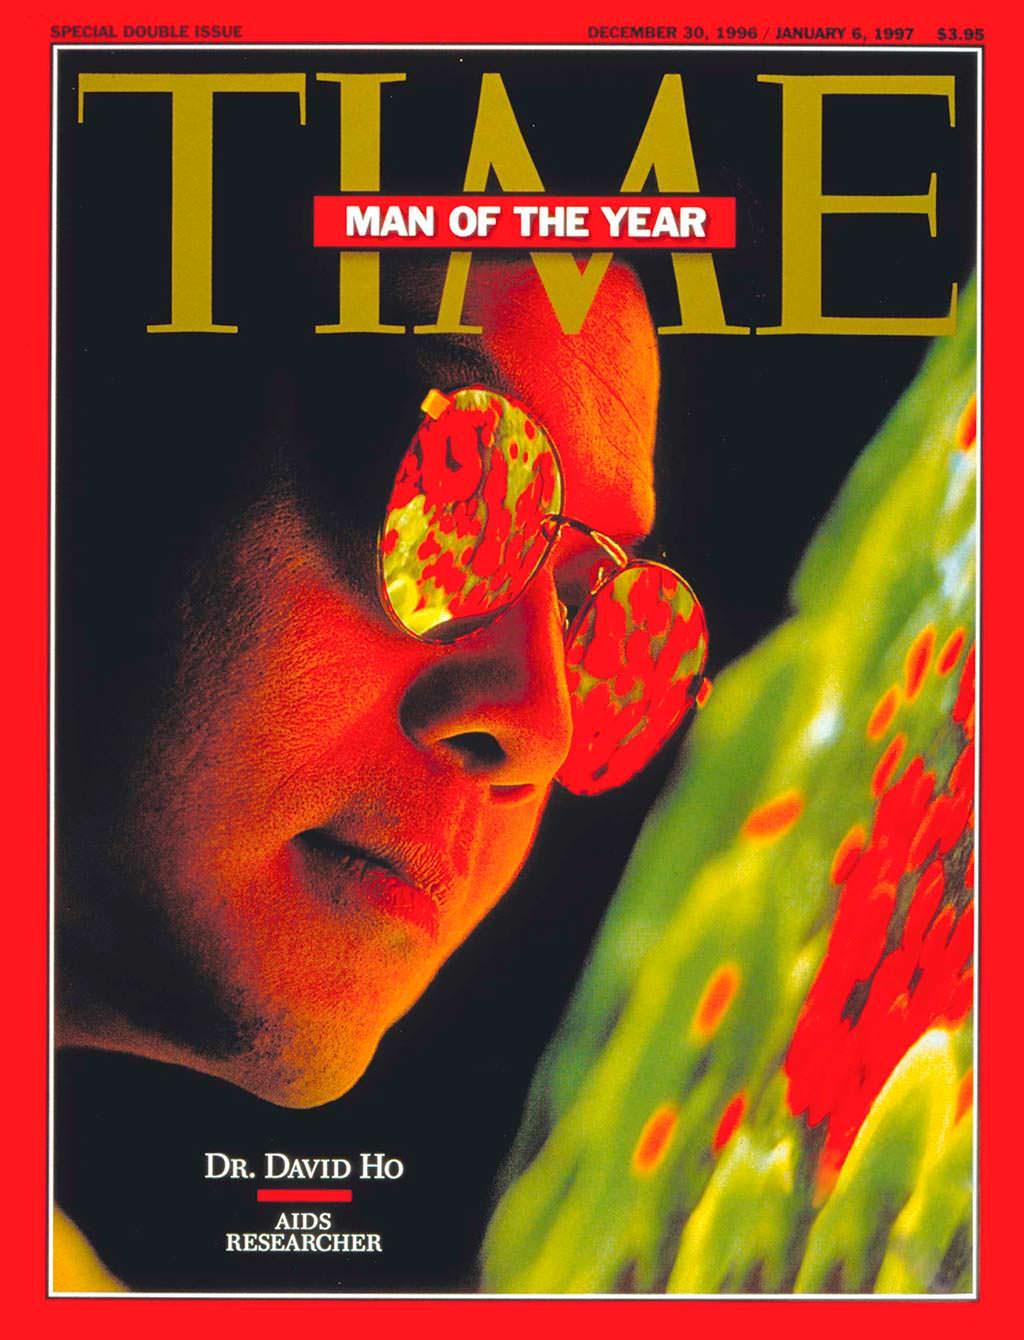 1996 год. Учёный исследователь ВИЧ Дэвид Хо на обложке Time